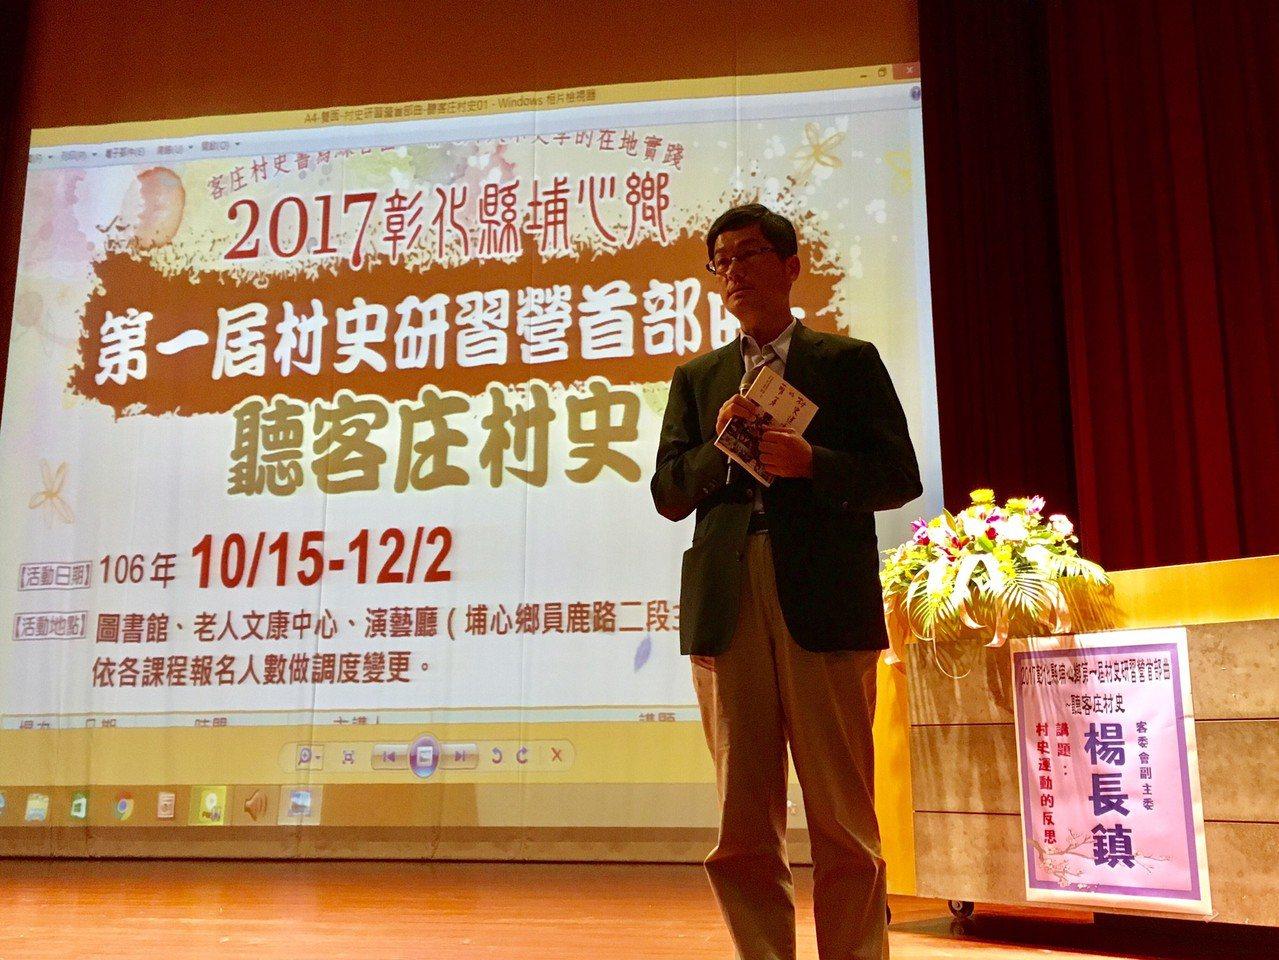 埔心鄉村史研習營安排包括客委會副主委楊長鎮等專家學者授課。圖/埔心公所提供